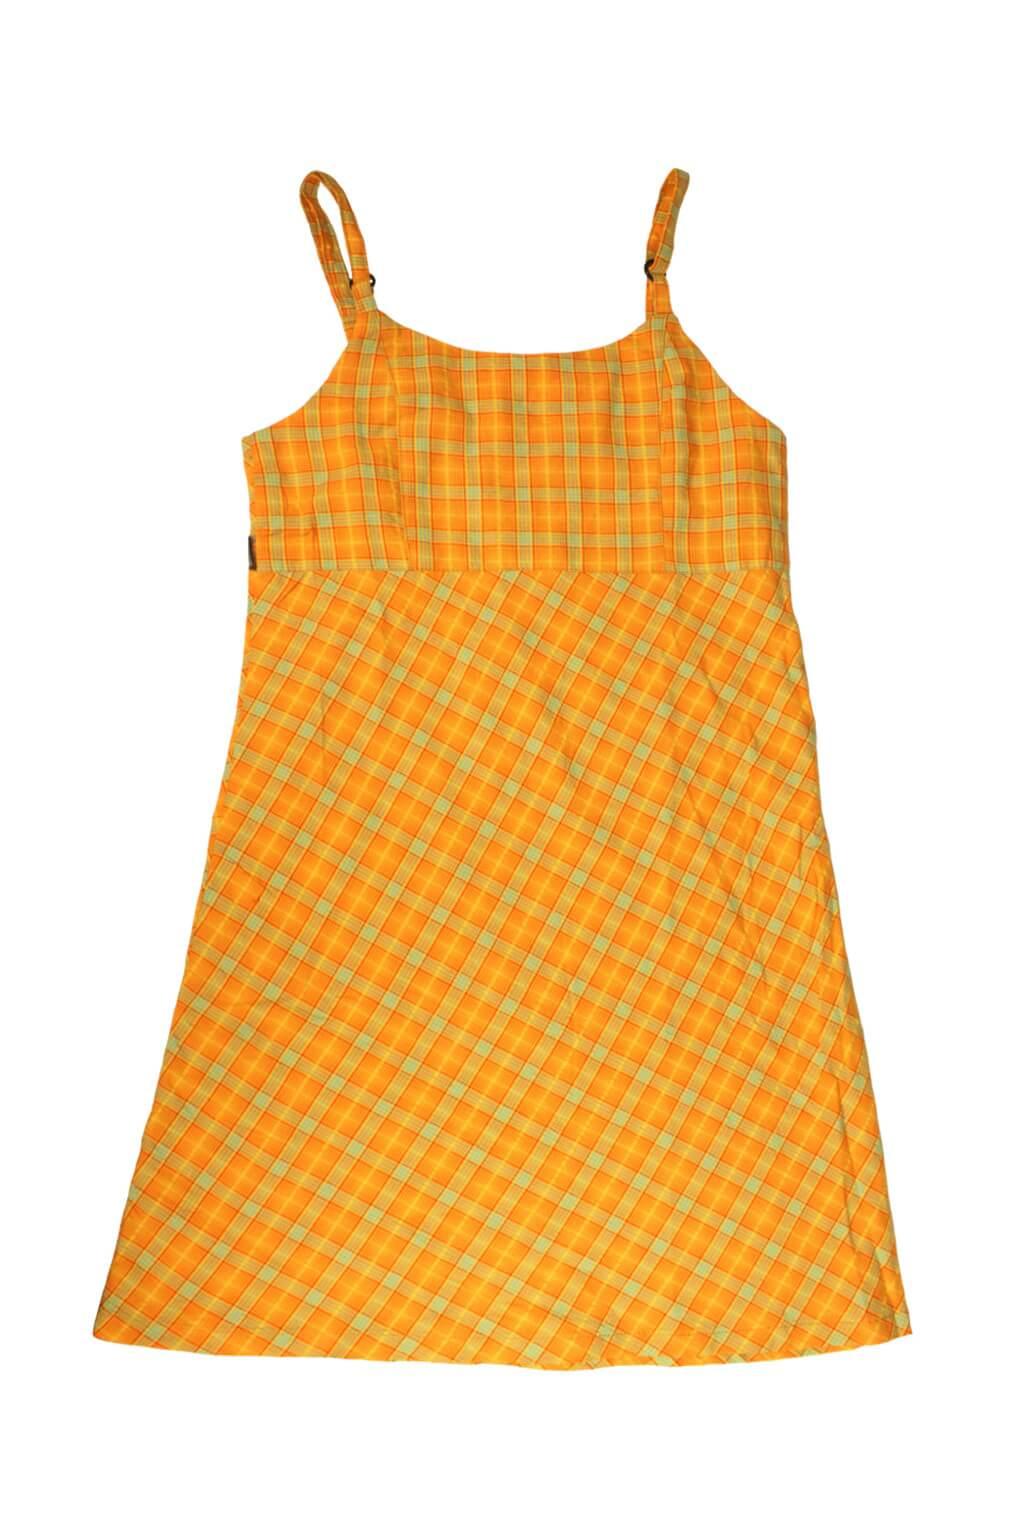 Nature úzké dívčí šaty 5-6 let oranžová cdca7a5d63